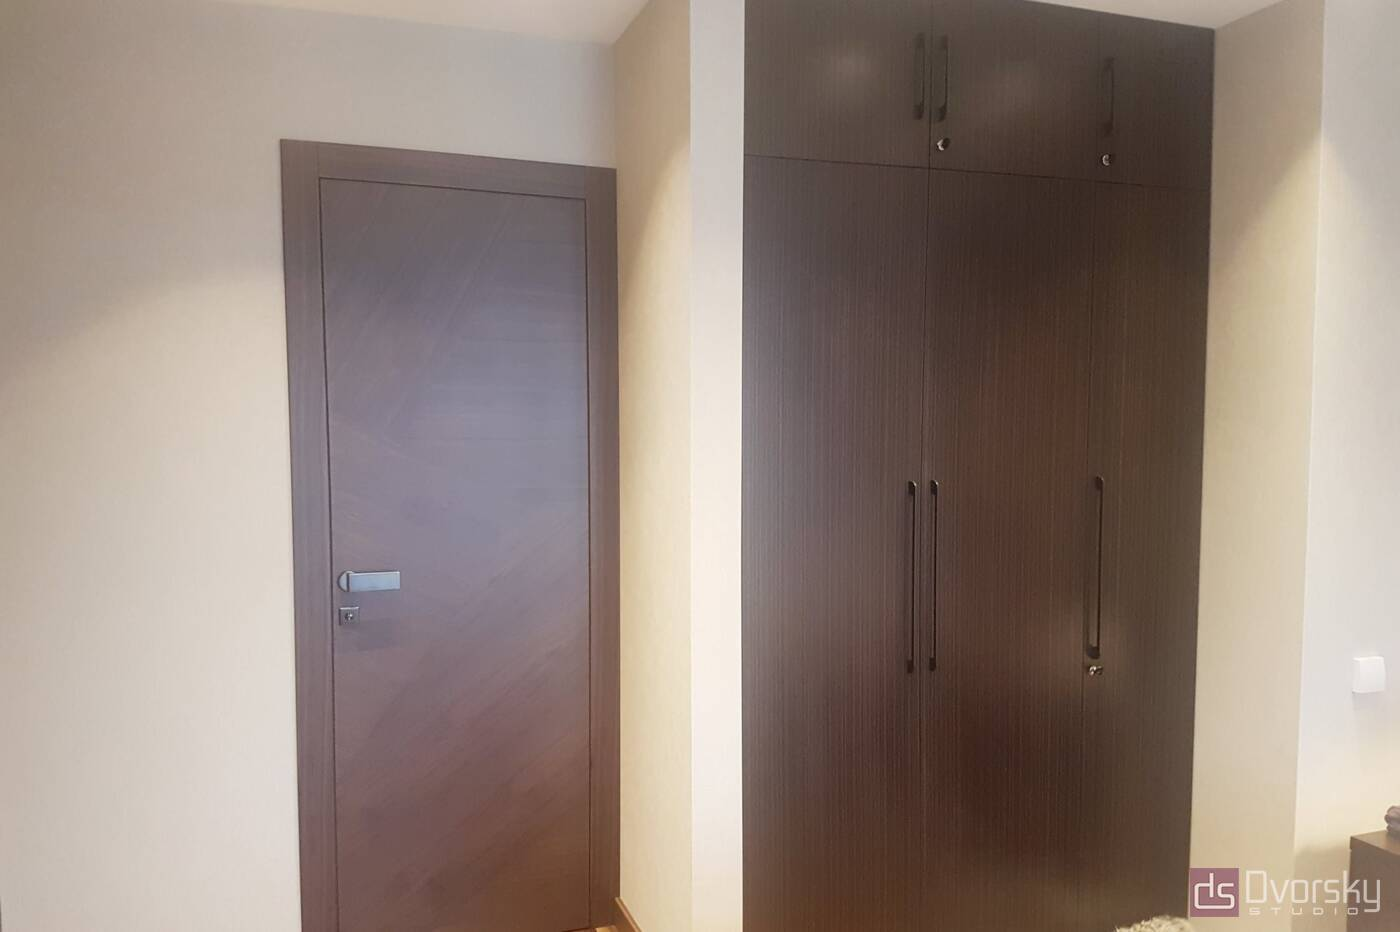 Шкафы распашные Шкаф распашной шпонированный - Фото № 3